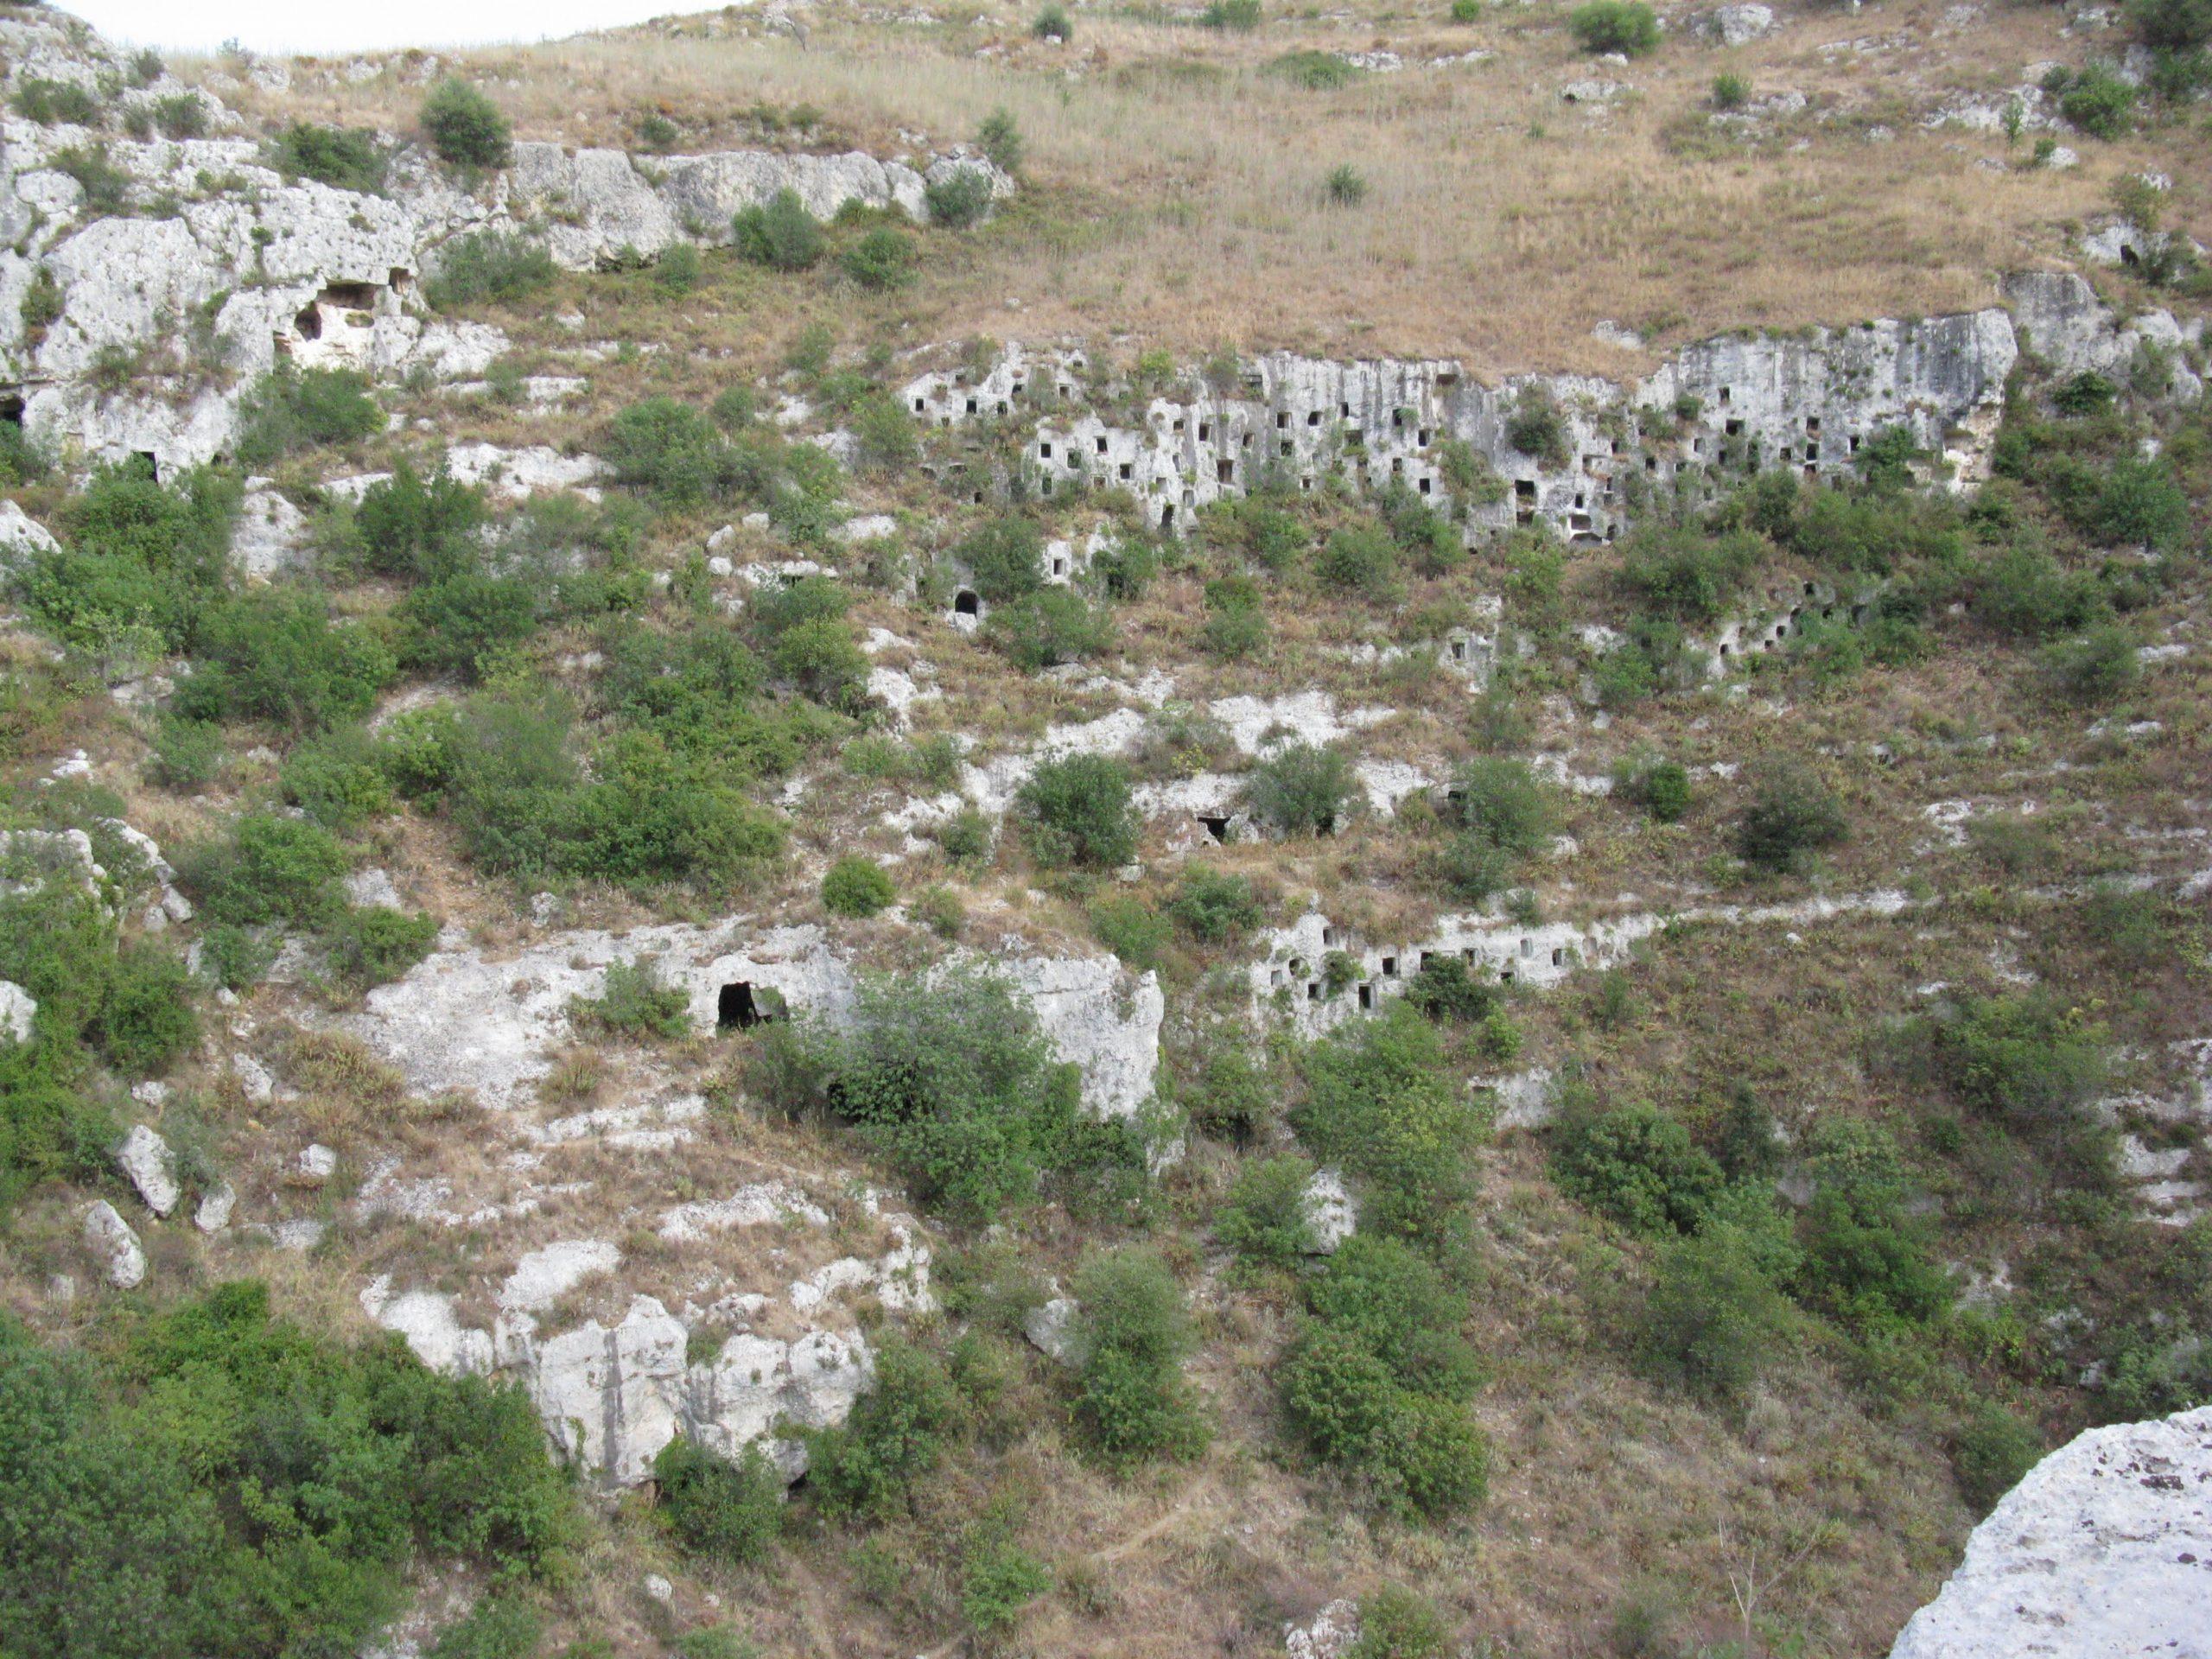 pareti a groviera, con molte grotte scavate, a pantalica